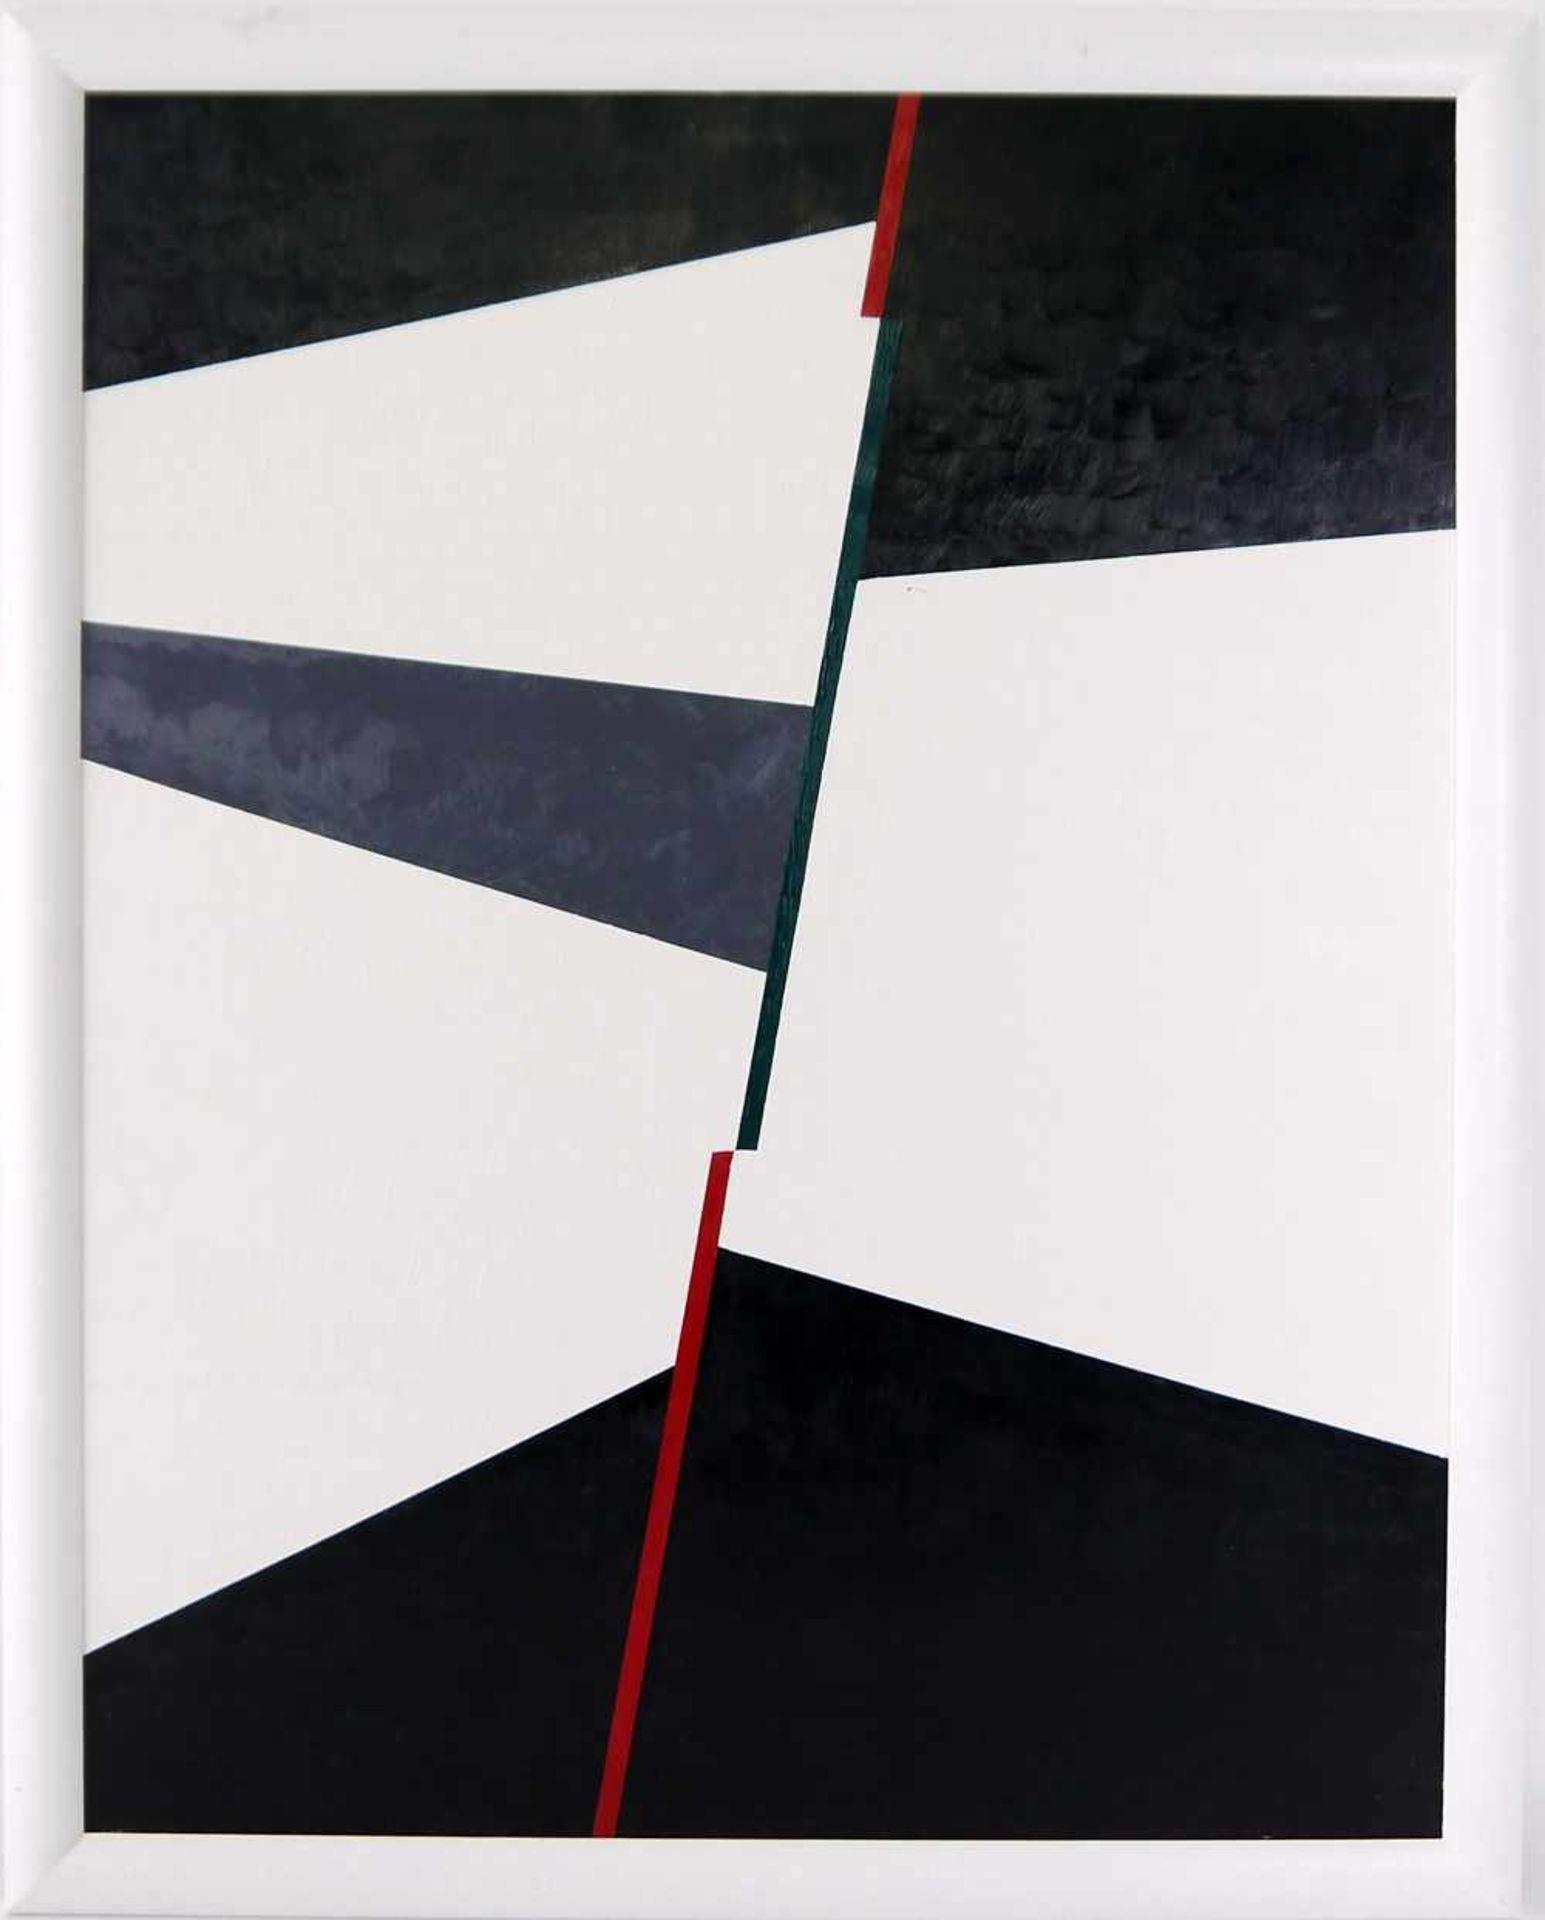 Los 49 - WILLEM KERKMAN. Rot-Grün-Rote Trennung, Öl auf Platte, gerahmt und signiert Rot-Grün-Rote